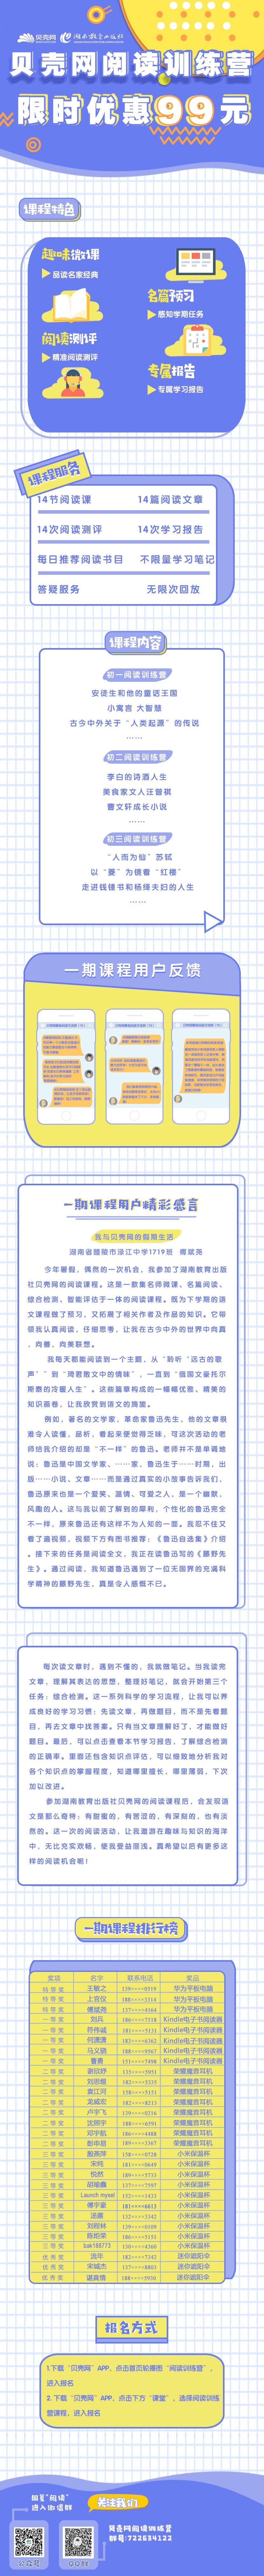 贝壳网阅读训练营限时99元(1).jpg